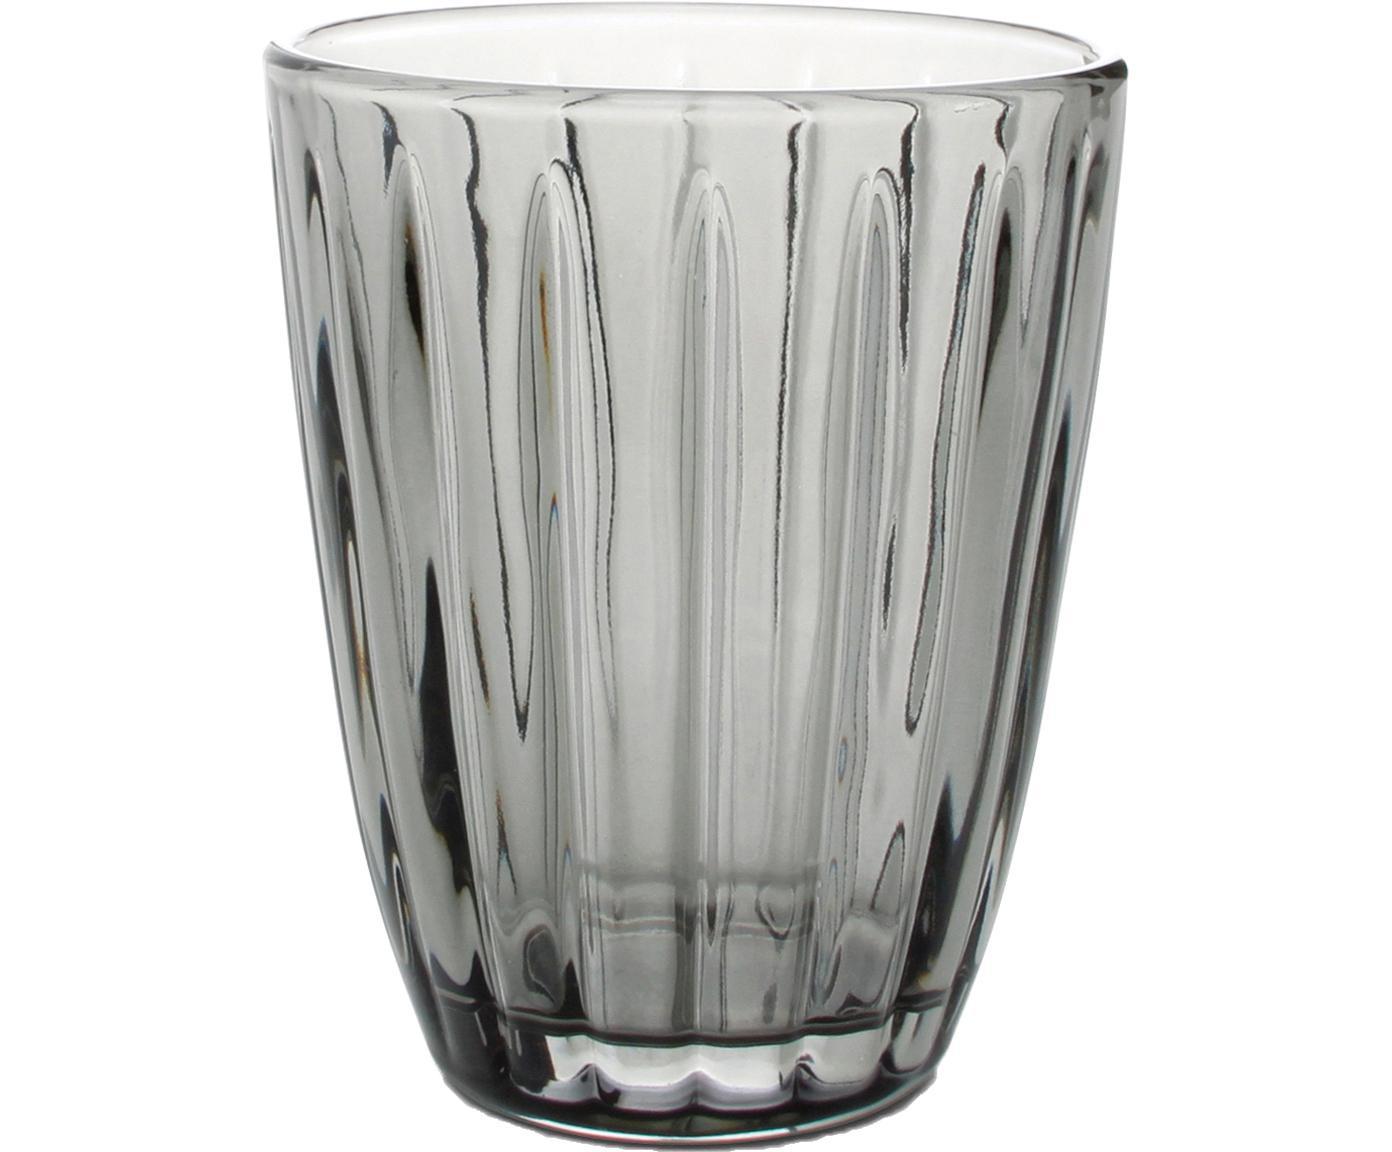 Szklanka do wody Zefir, 4 szt., Szkło, Szary, Ø 8 x W 10 cm